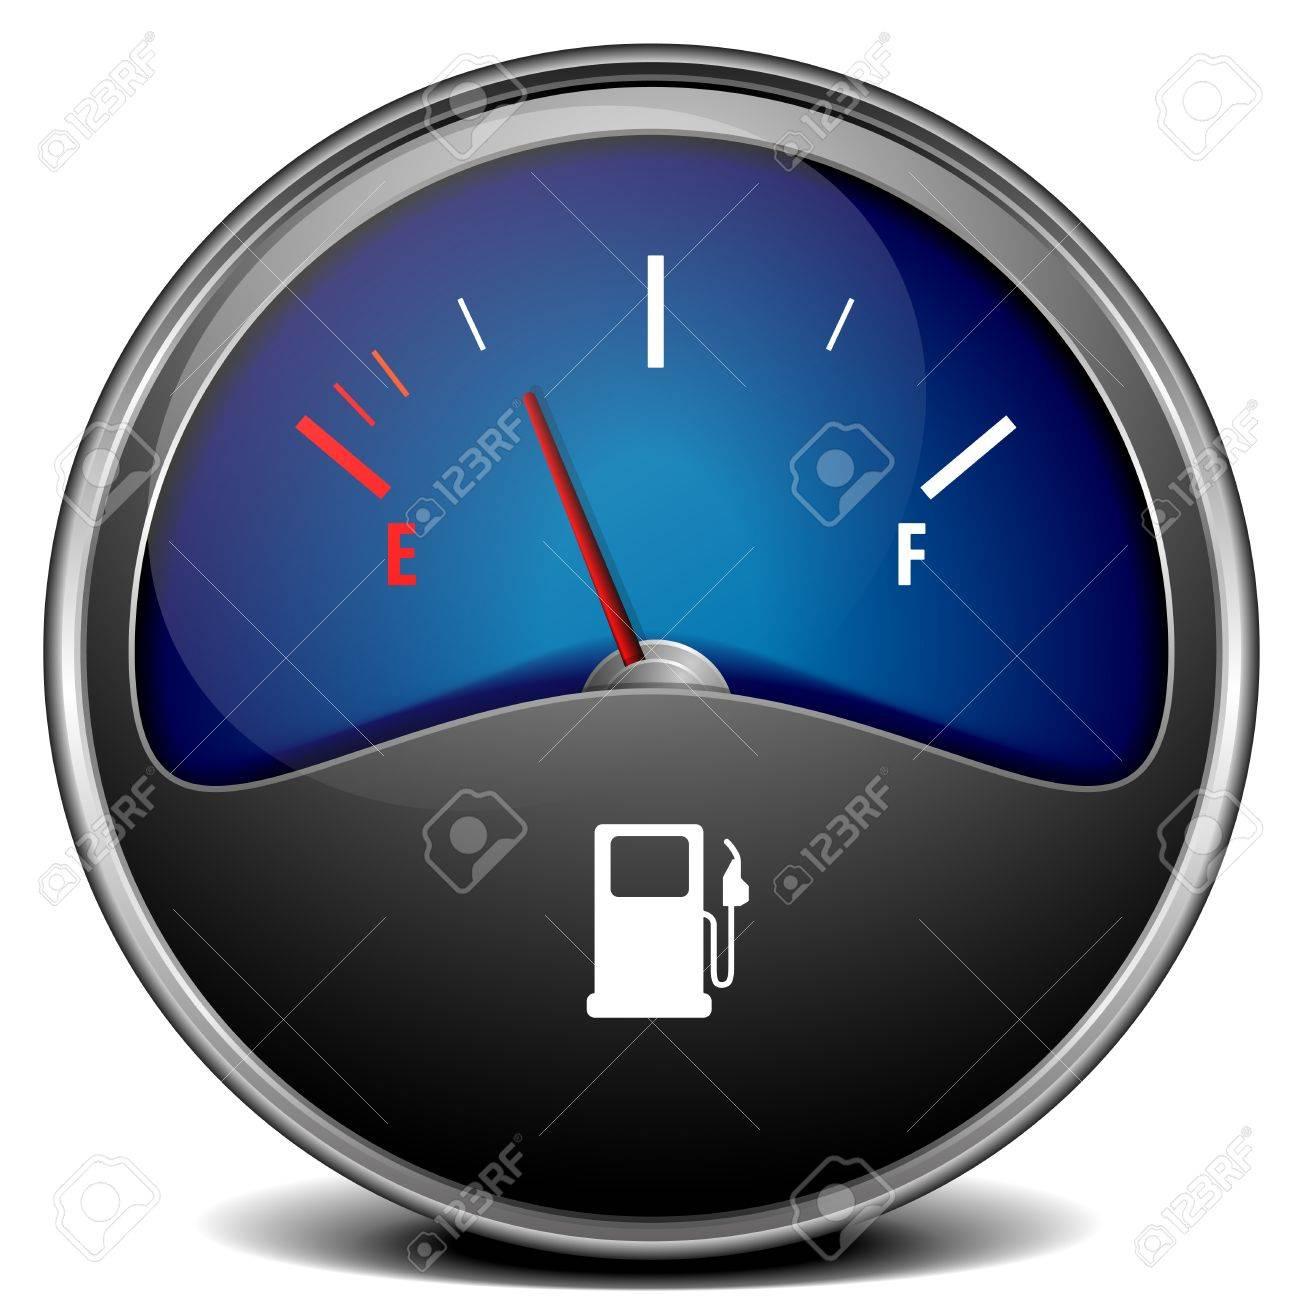 illustration of a motor gas gauge, eps 10 vector - 21593634